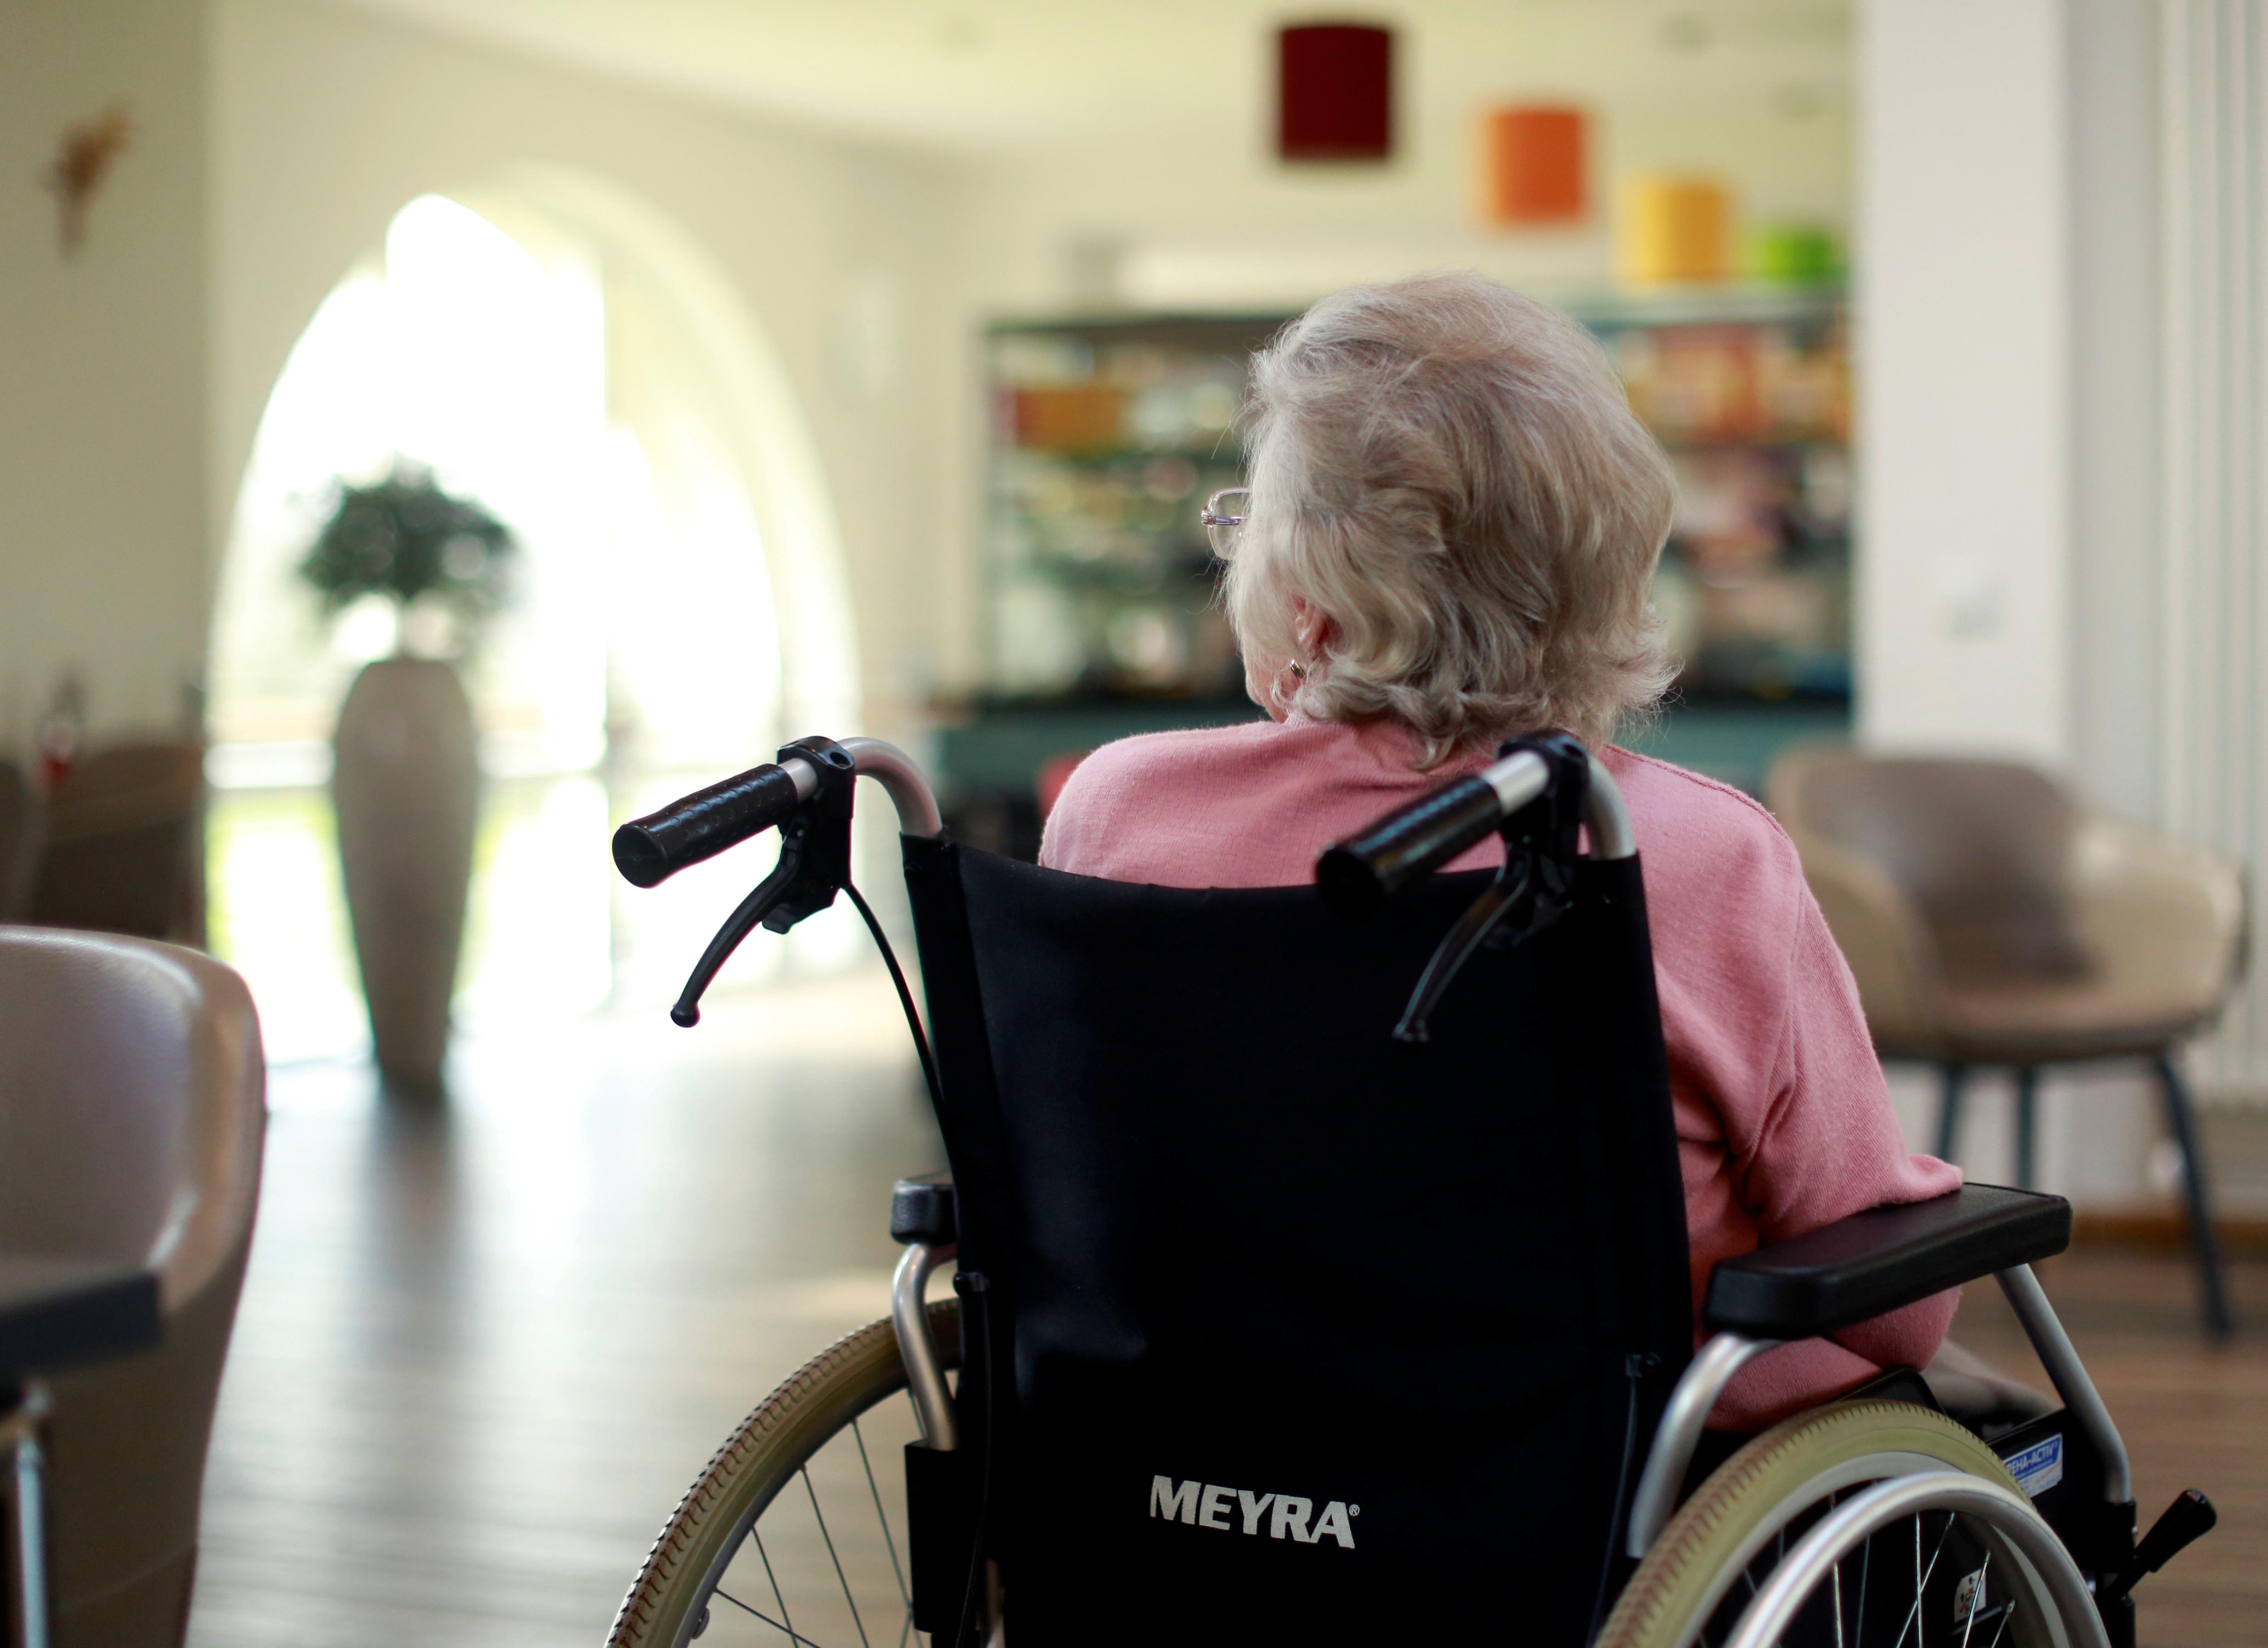 Coronavírus: como evitar a transmissão em instituições para idosos